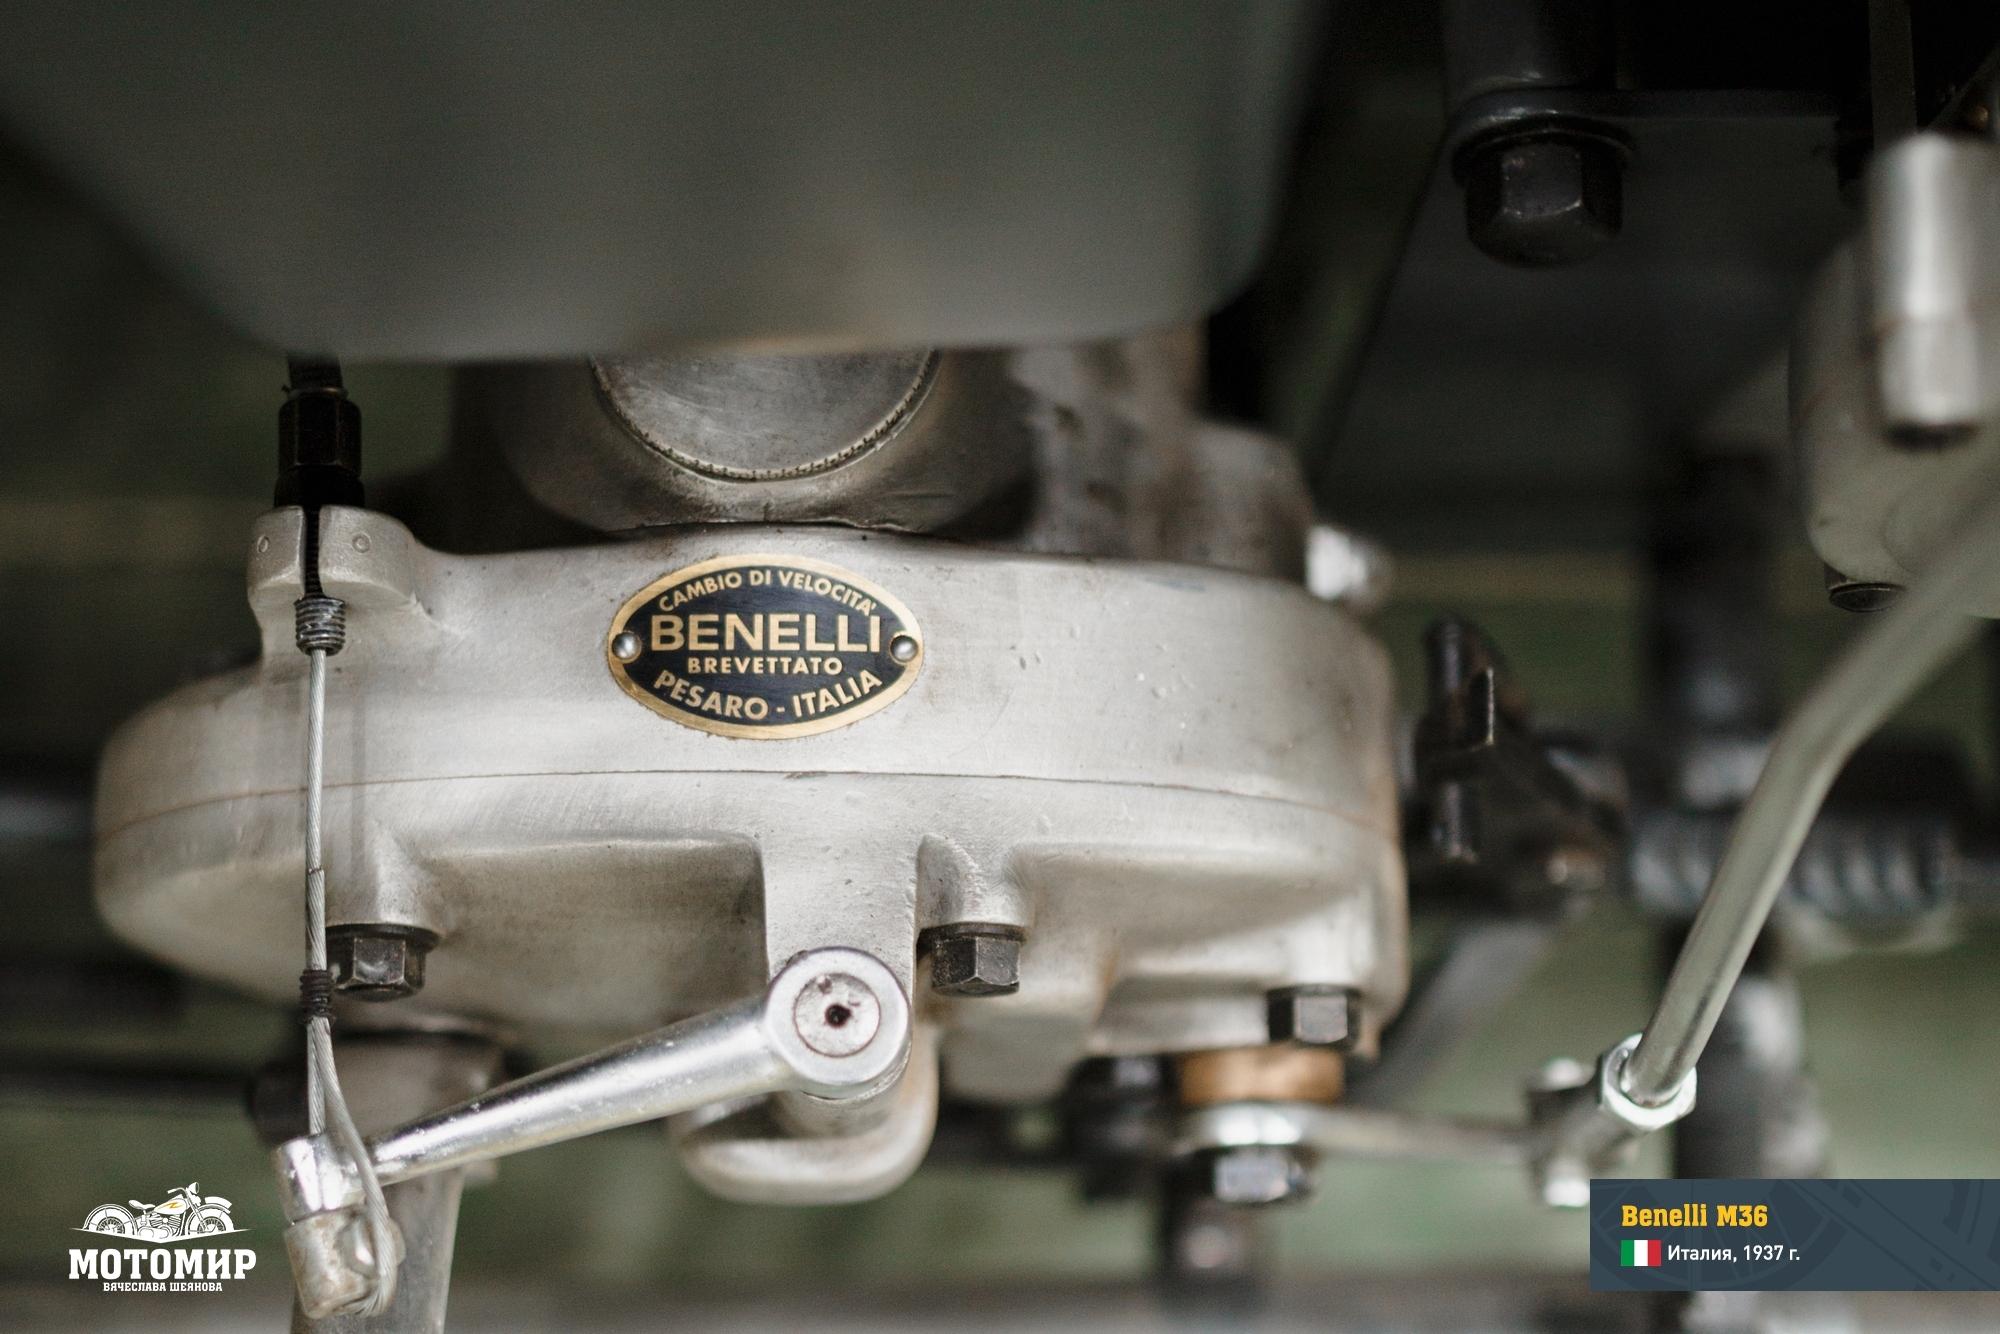 benelli-m36-201412-web-11